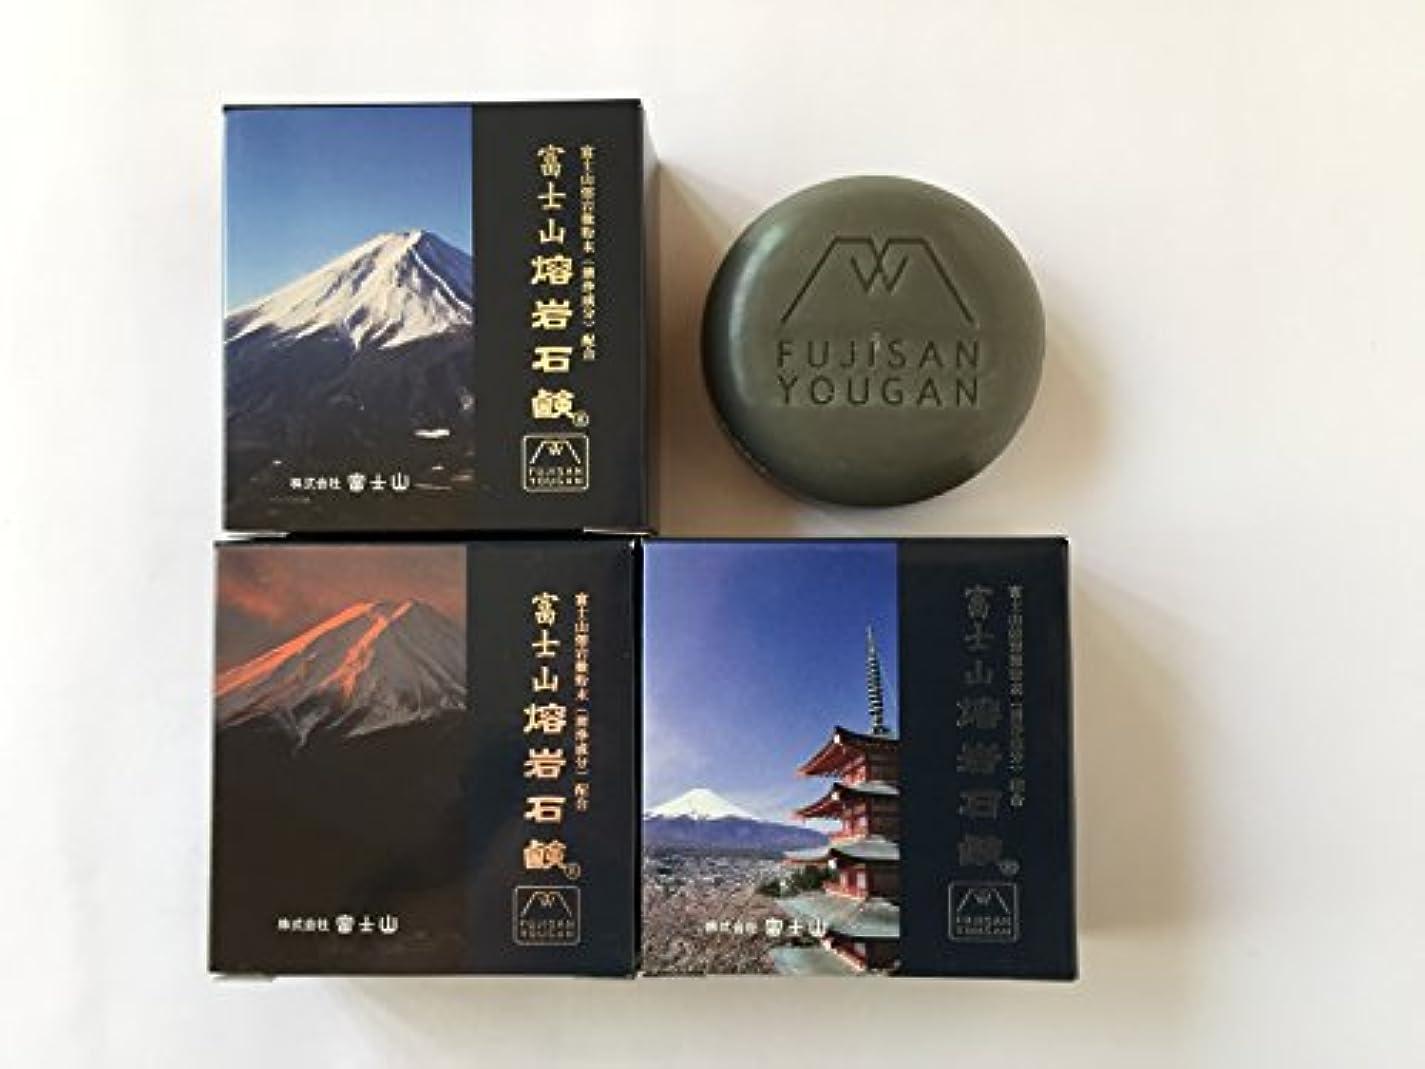 流すマイナー生活富士山溶岩石鹸(富士山写真化粧箱入り)お得用50g/個3種セット×2組(6個)